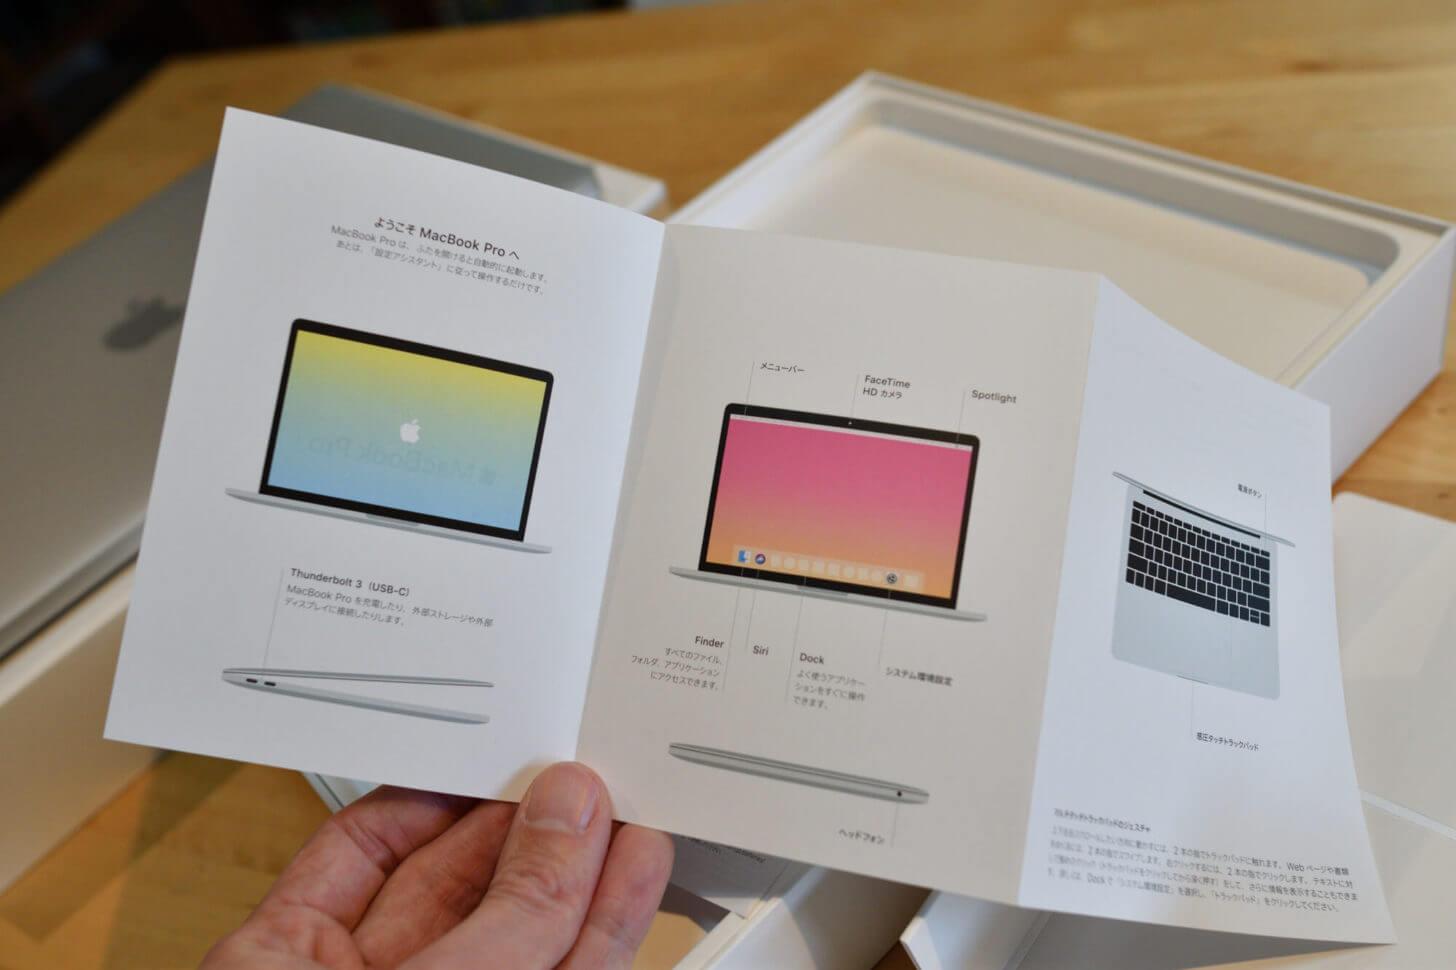 シンプルなMacBookの説明書